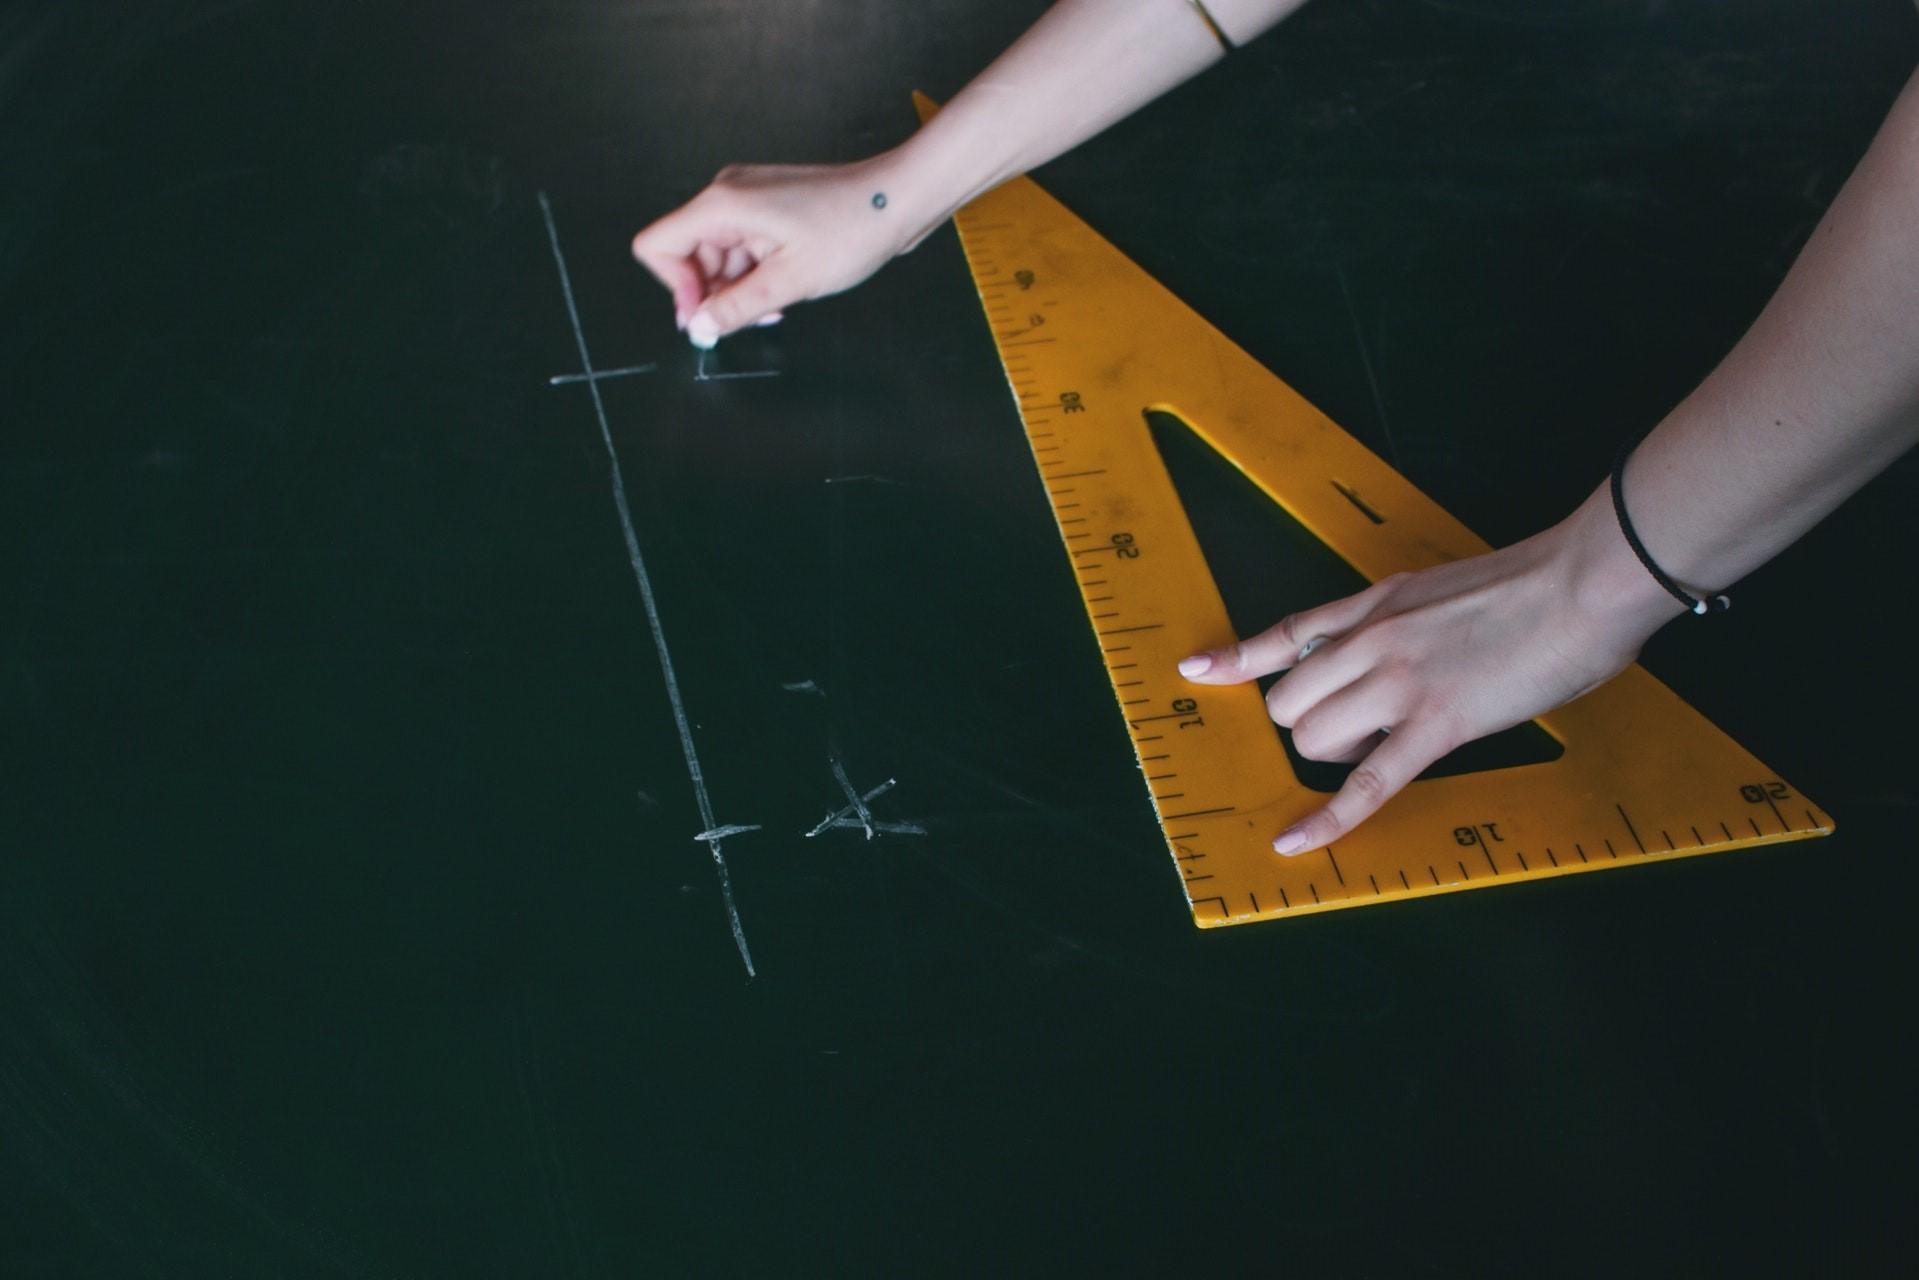 O que é avaliado na seção de Matemática do ACT?